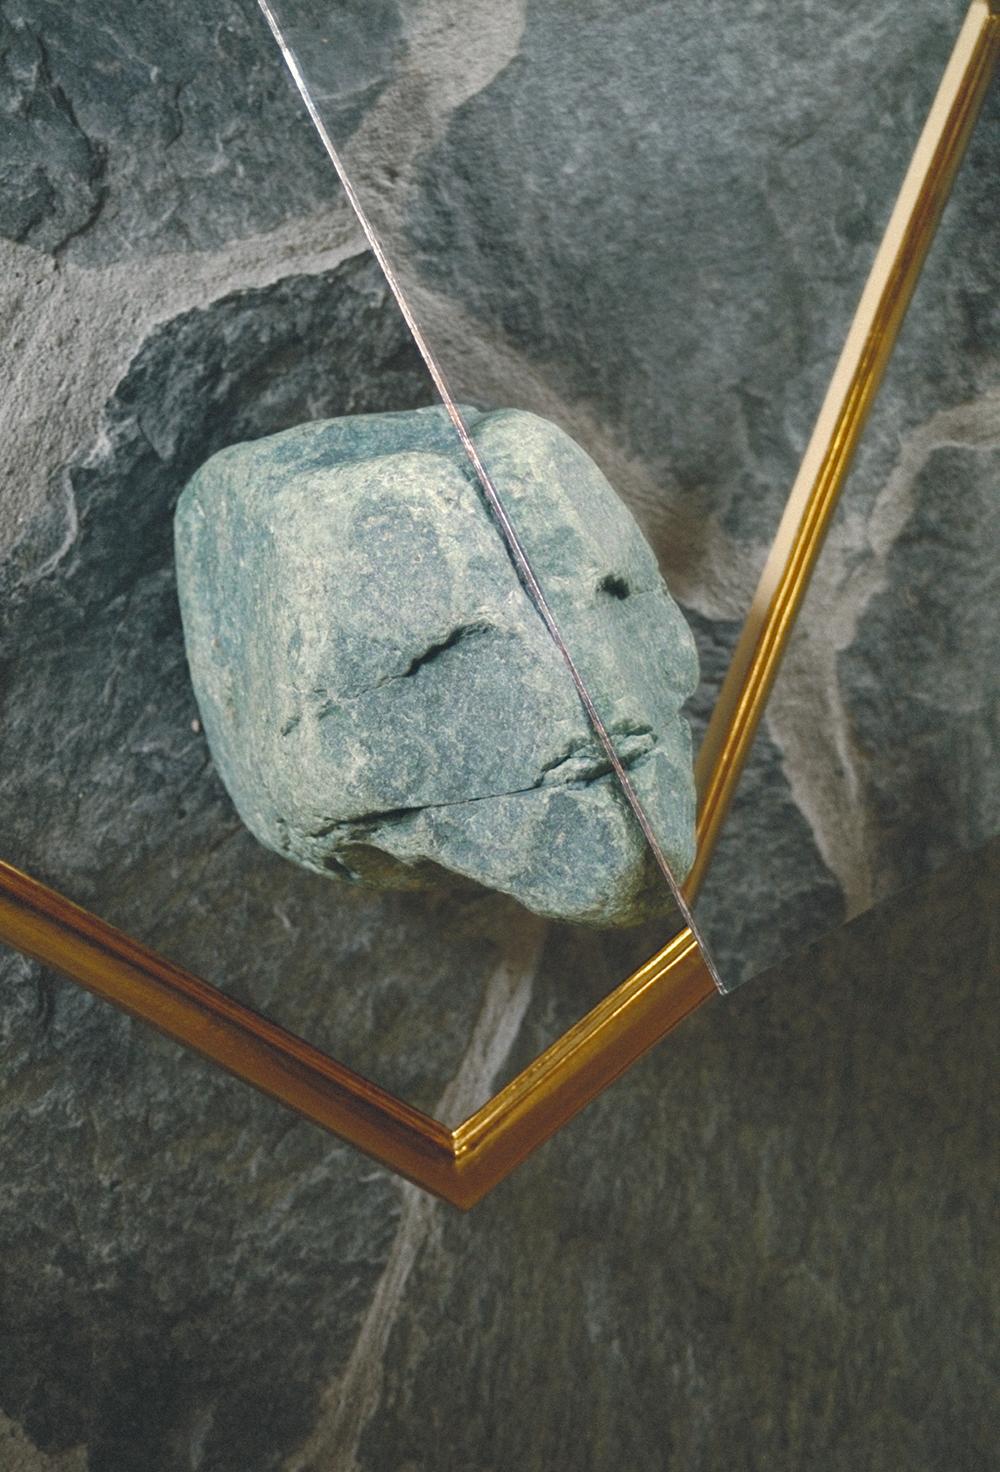 Stone and mirror with frame /   Stein und Spiegel mit Rahmen   (Close up / Detailaufnahme )